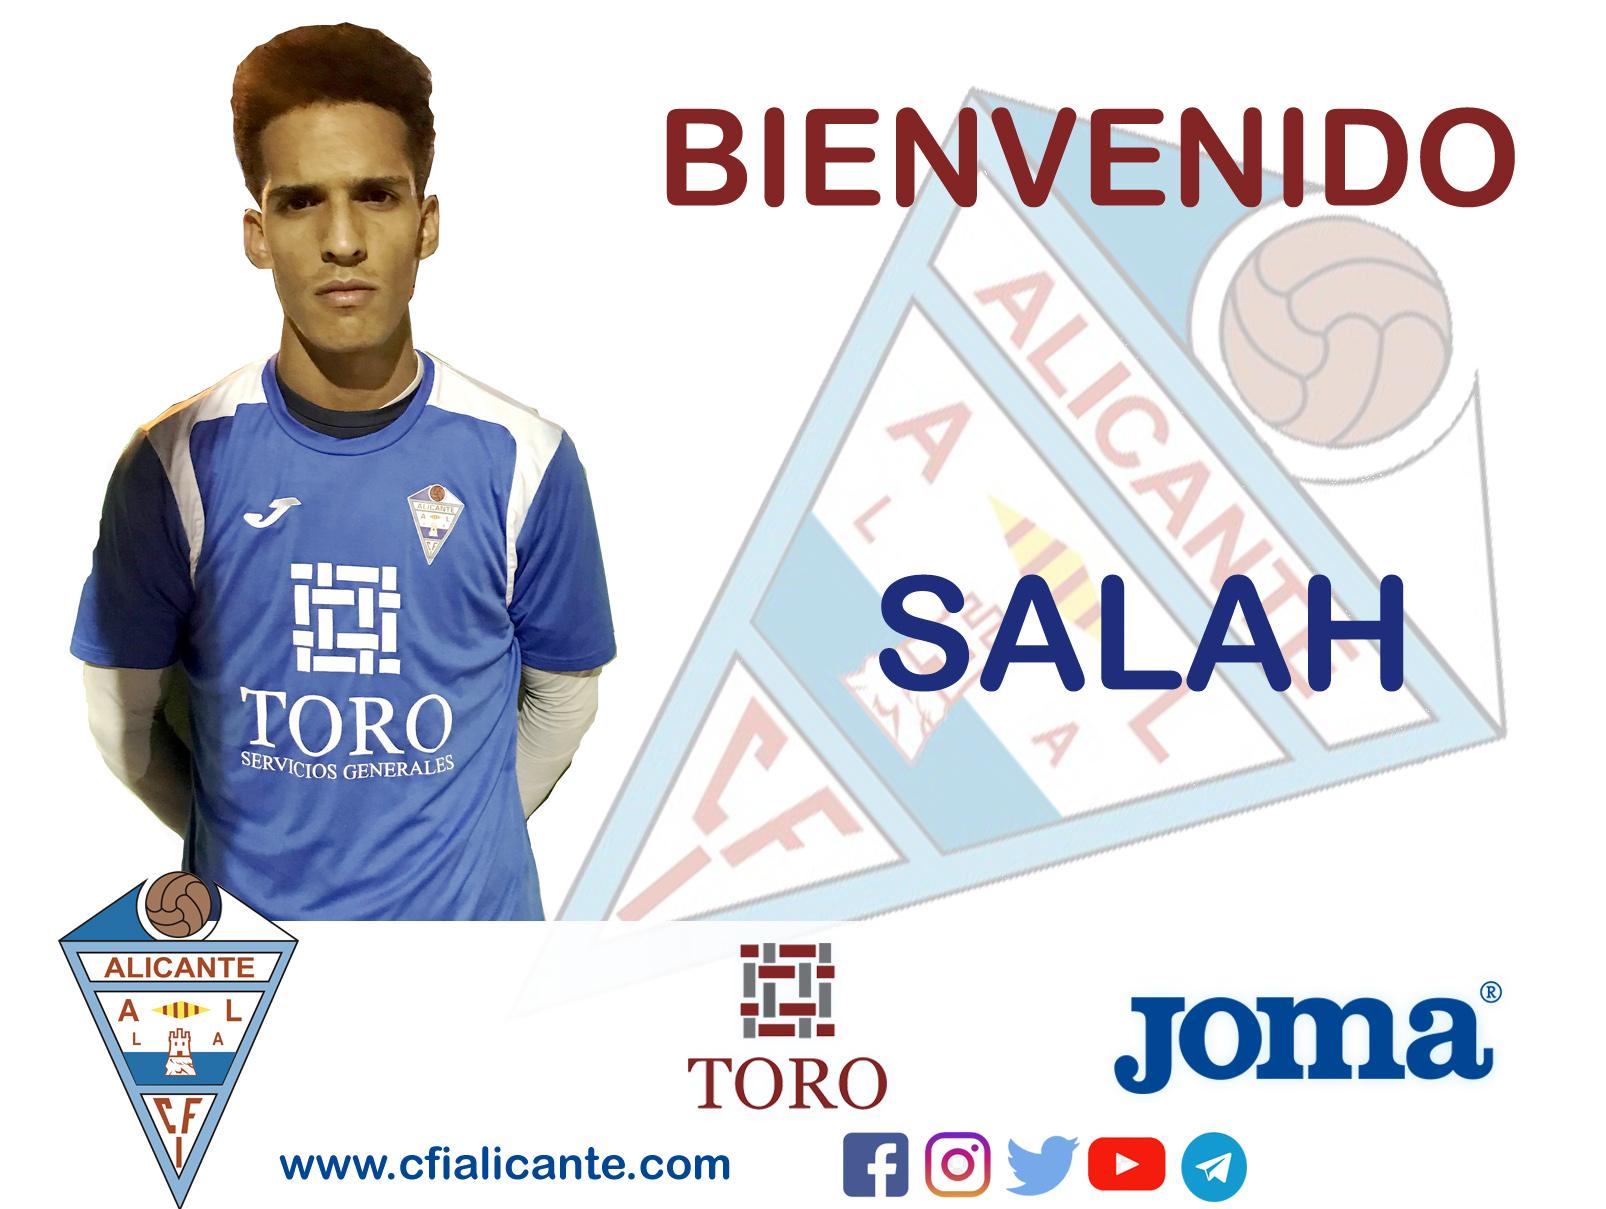 """El joven delantero """"Salah"""" se incorpora a la plantilla del CFI Alicante"""